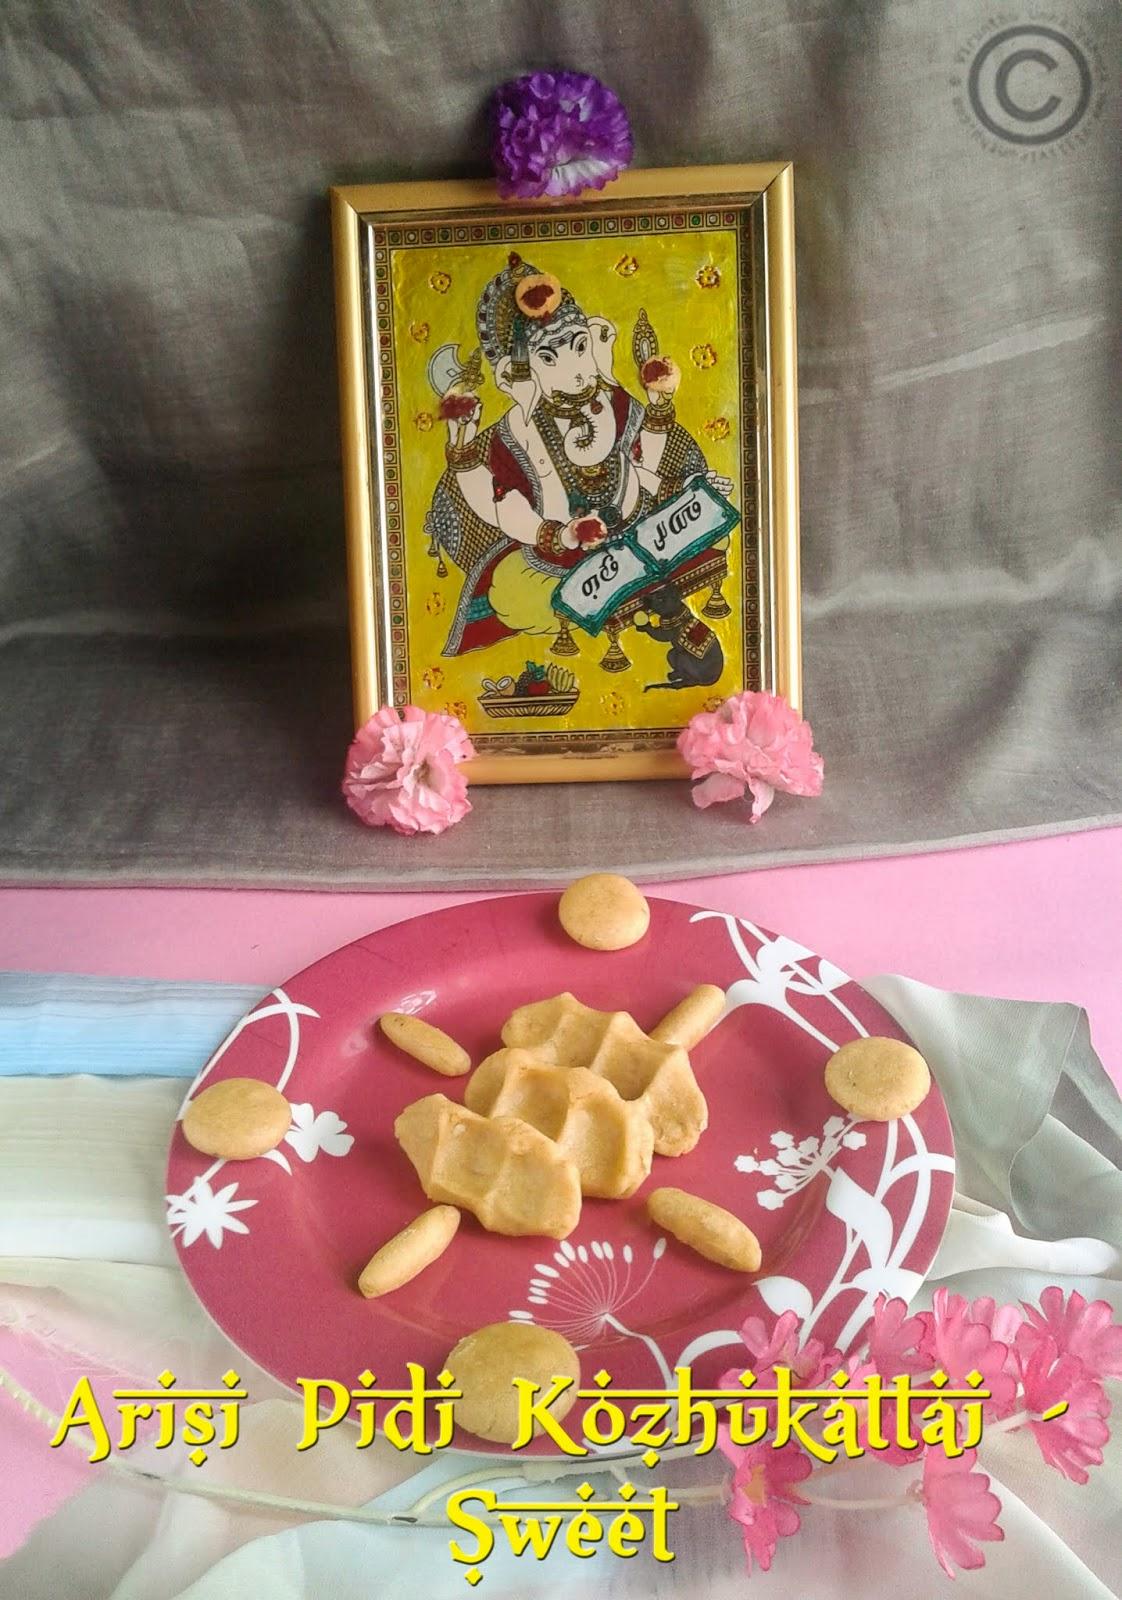 arisi-pidi-kozhukattai